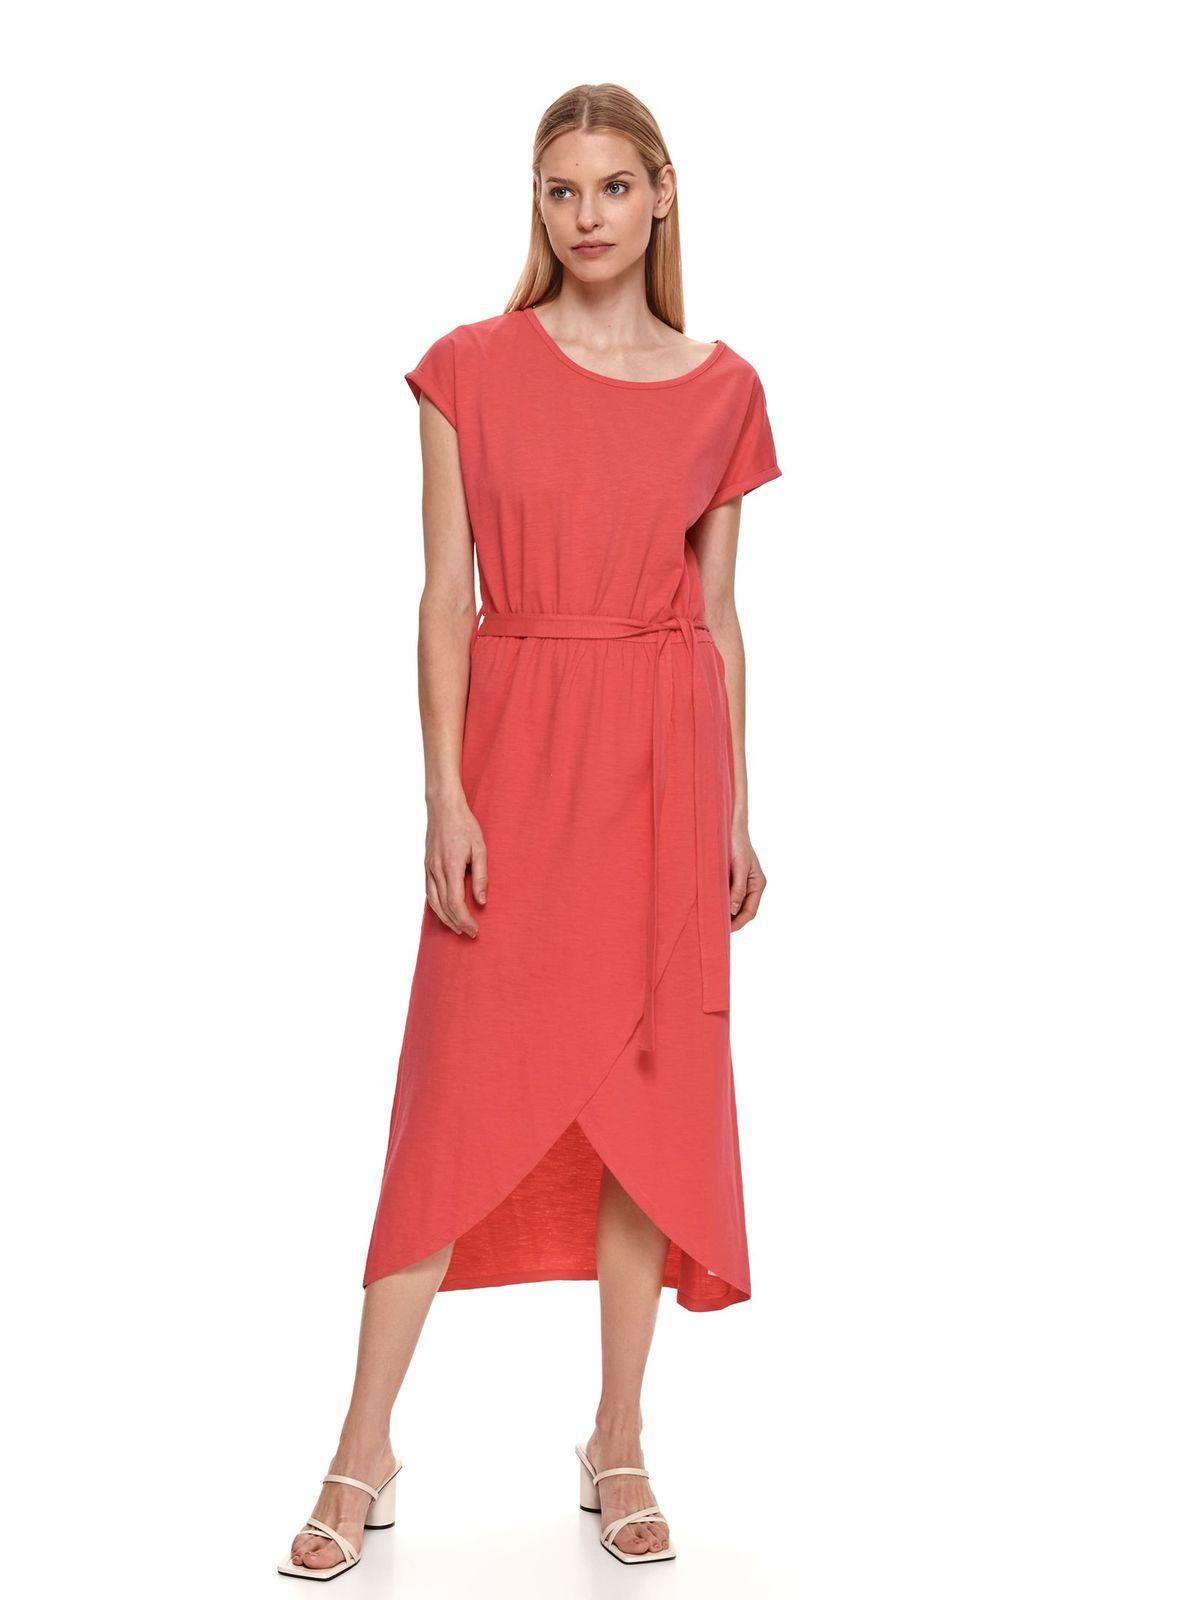 Pamutból készült rövid ujjú aszimetrikus pink ruha